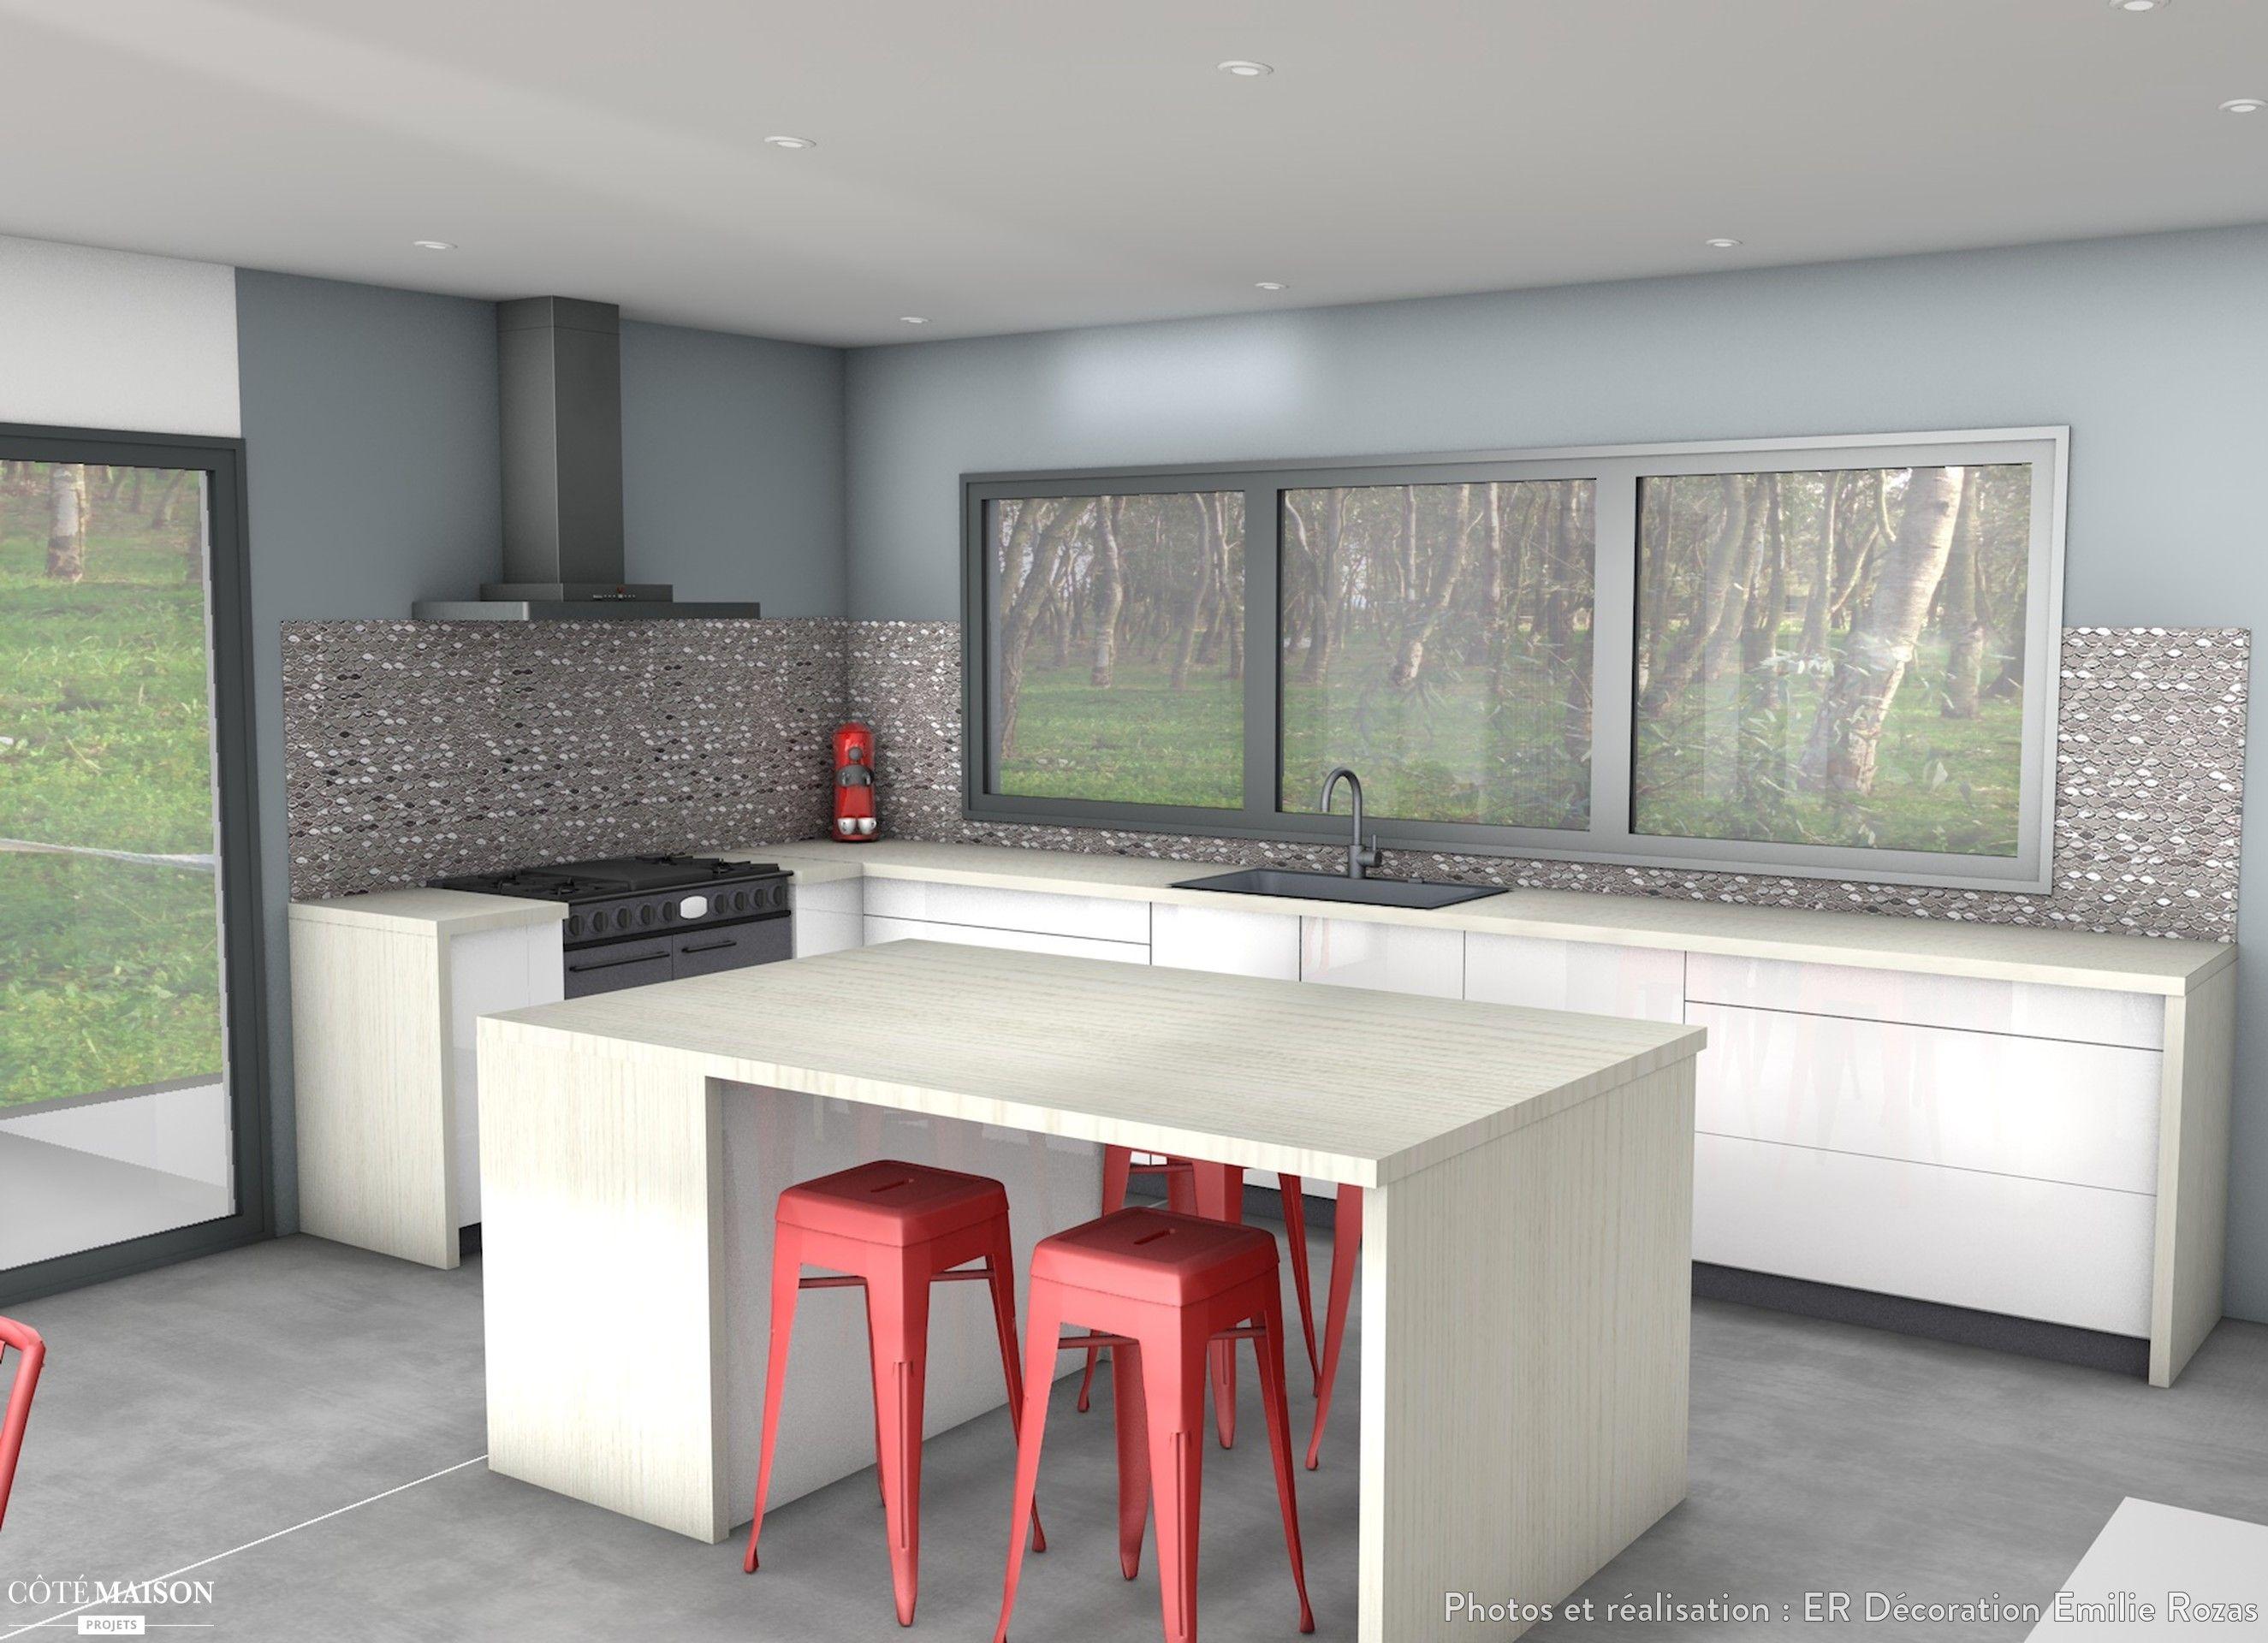 réalisation 3d d'une cuisine avec un ilot central. | plans